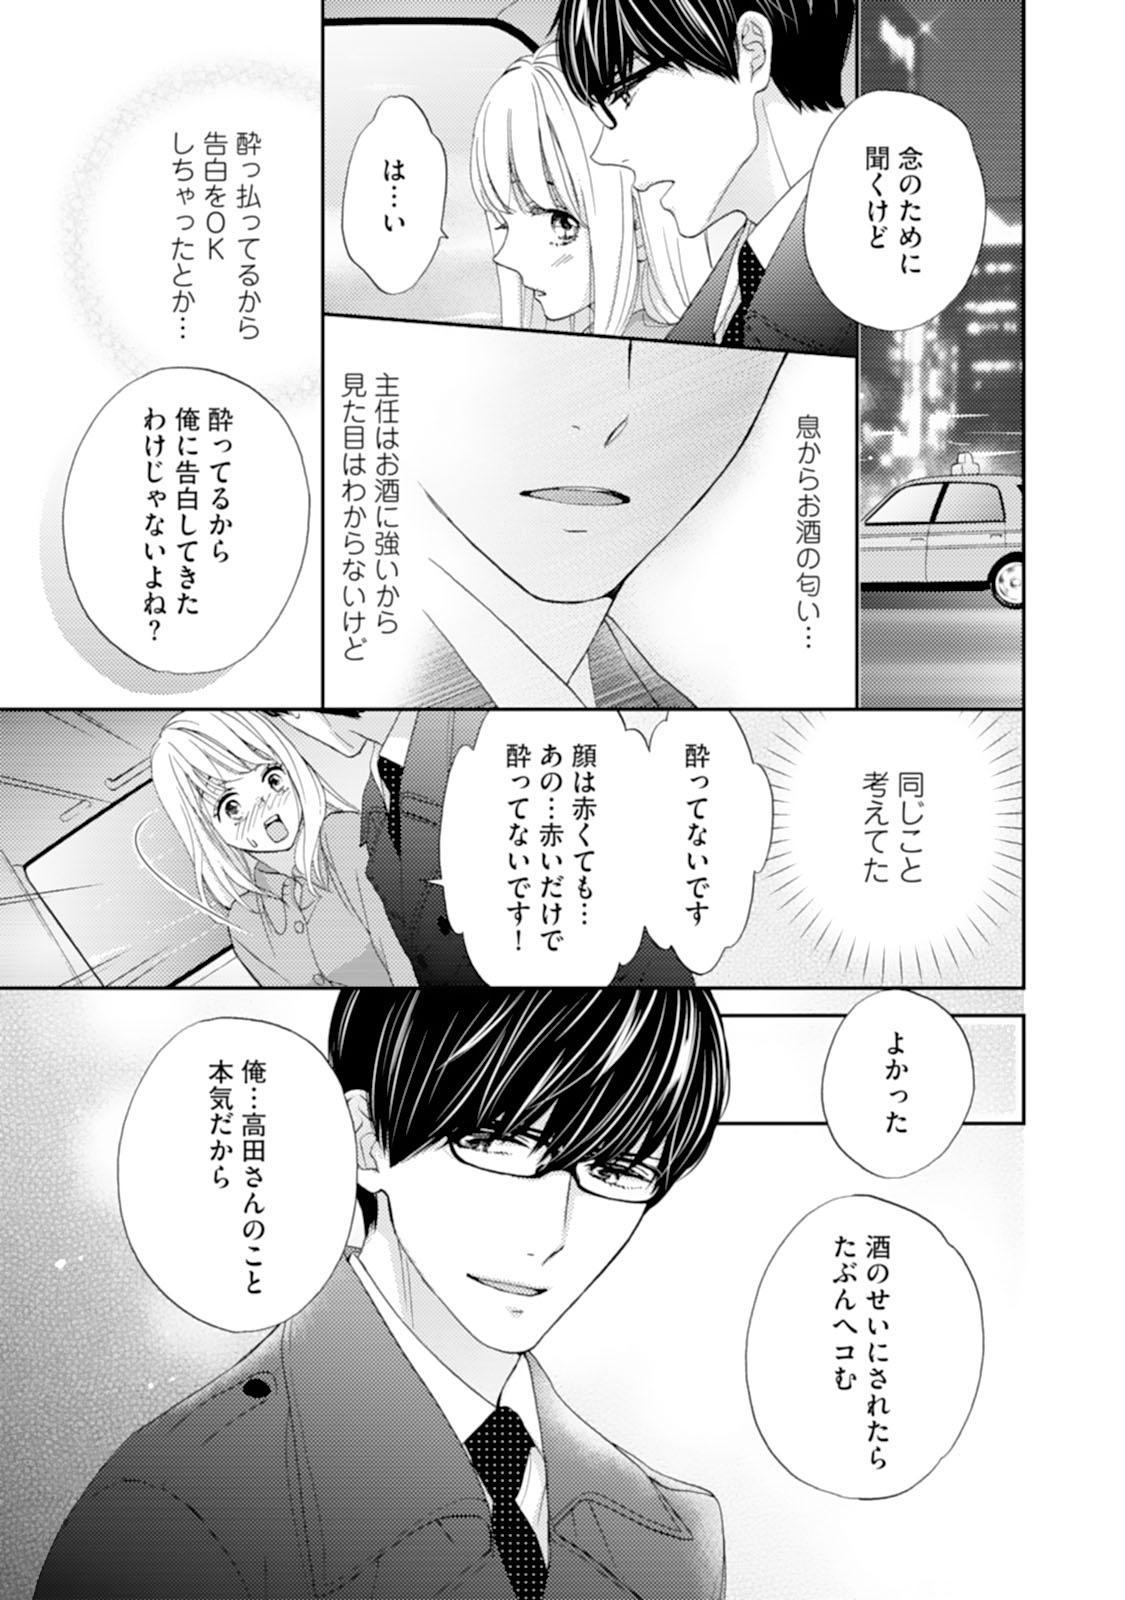 [Adumi Yuu] Choukyou-kei Danshi Ookami-sama to Koneko-chan Ch. 1-3 37